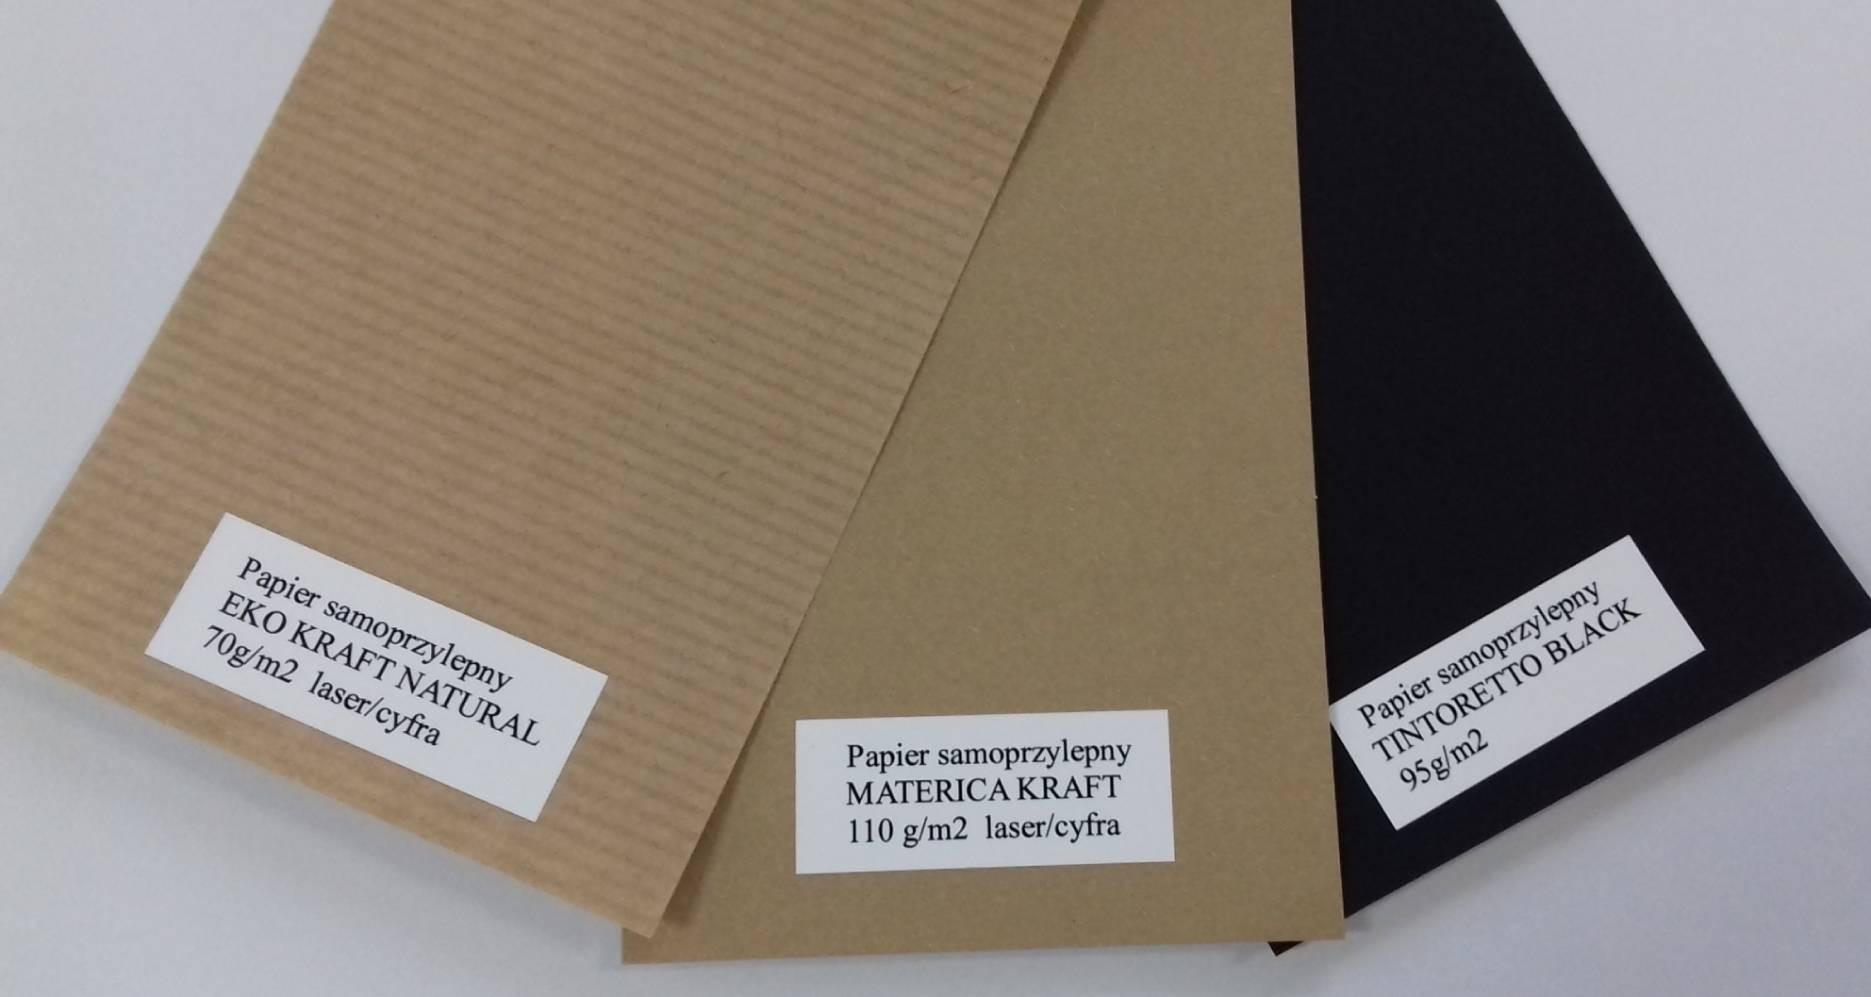 Samoprzylepny pochodzący z recyklingu papier do produkcji etykiet w arkuszach. (źródło zdjęcia: imged.pl)